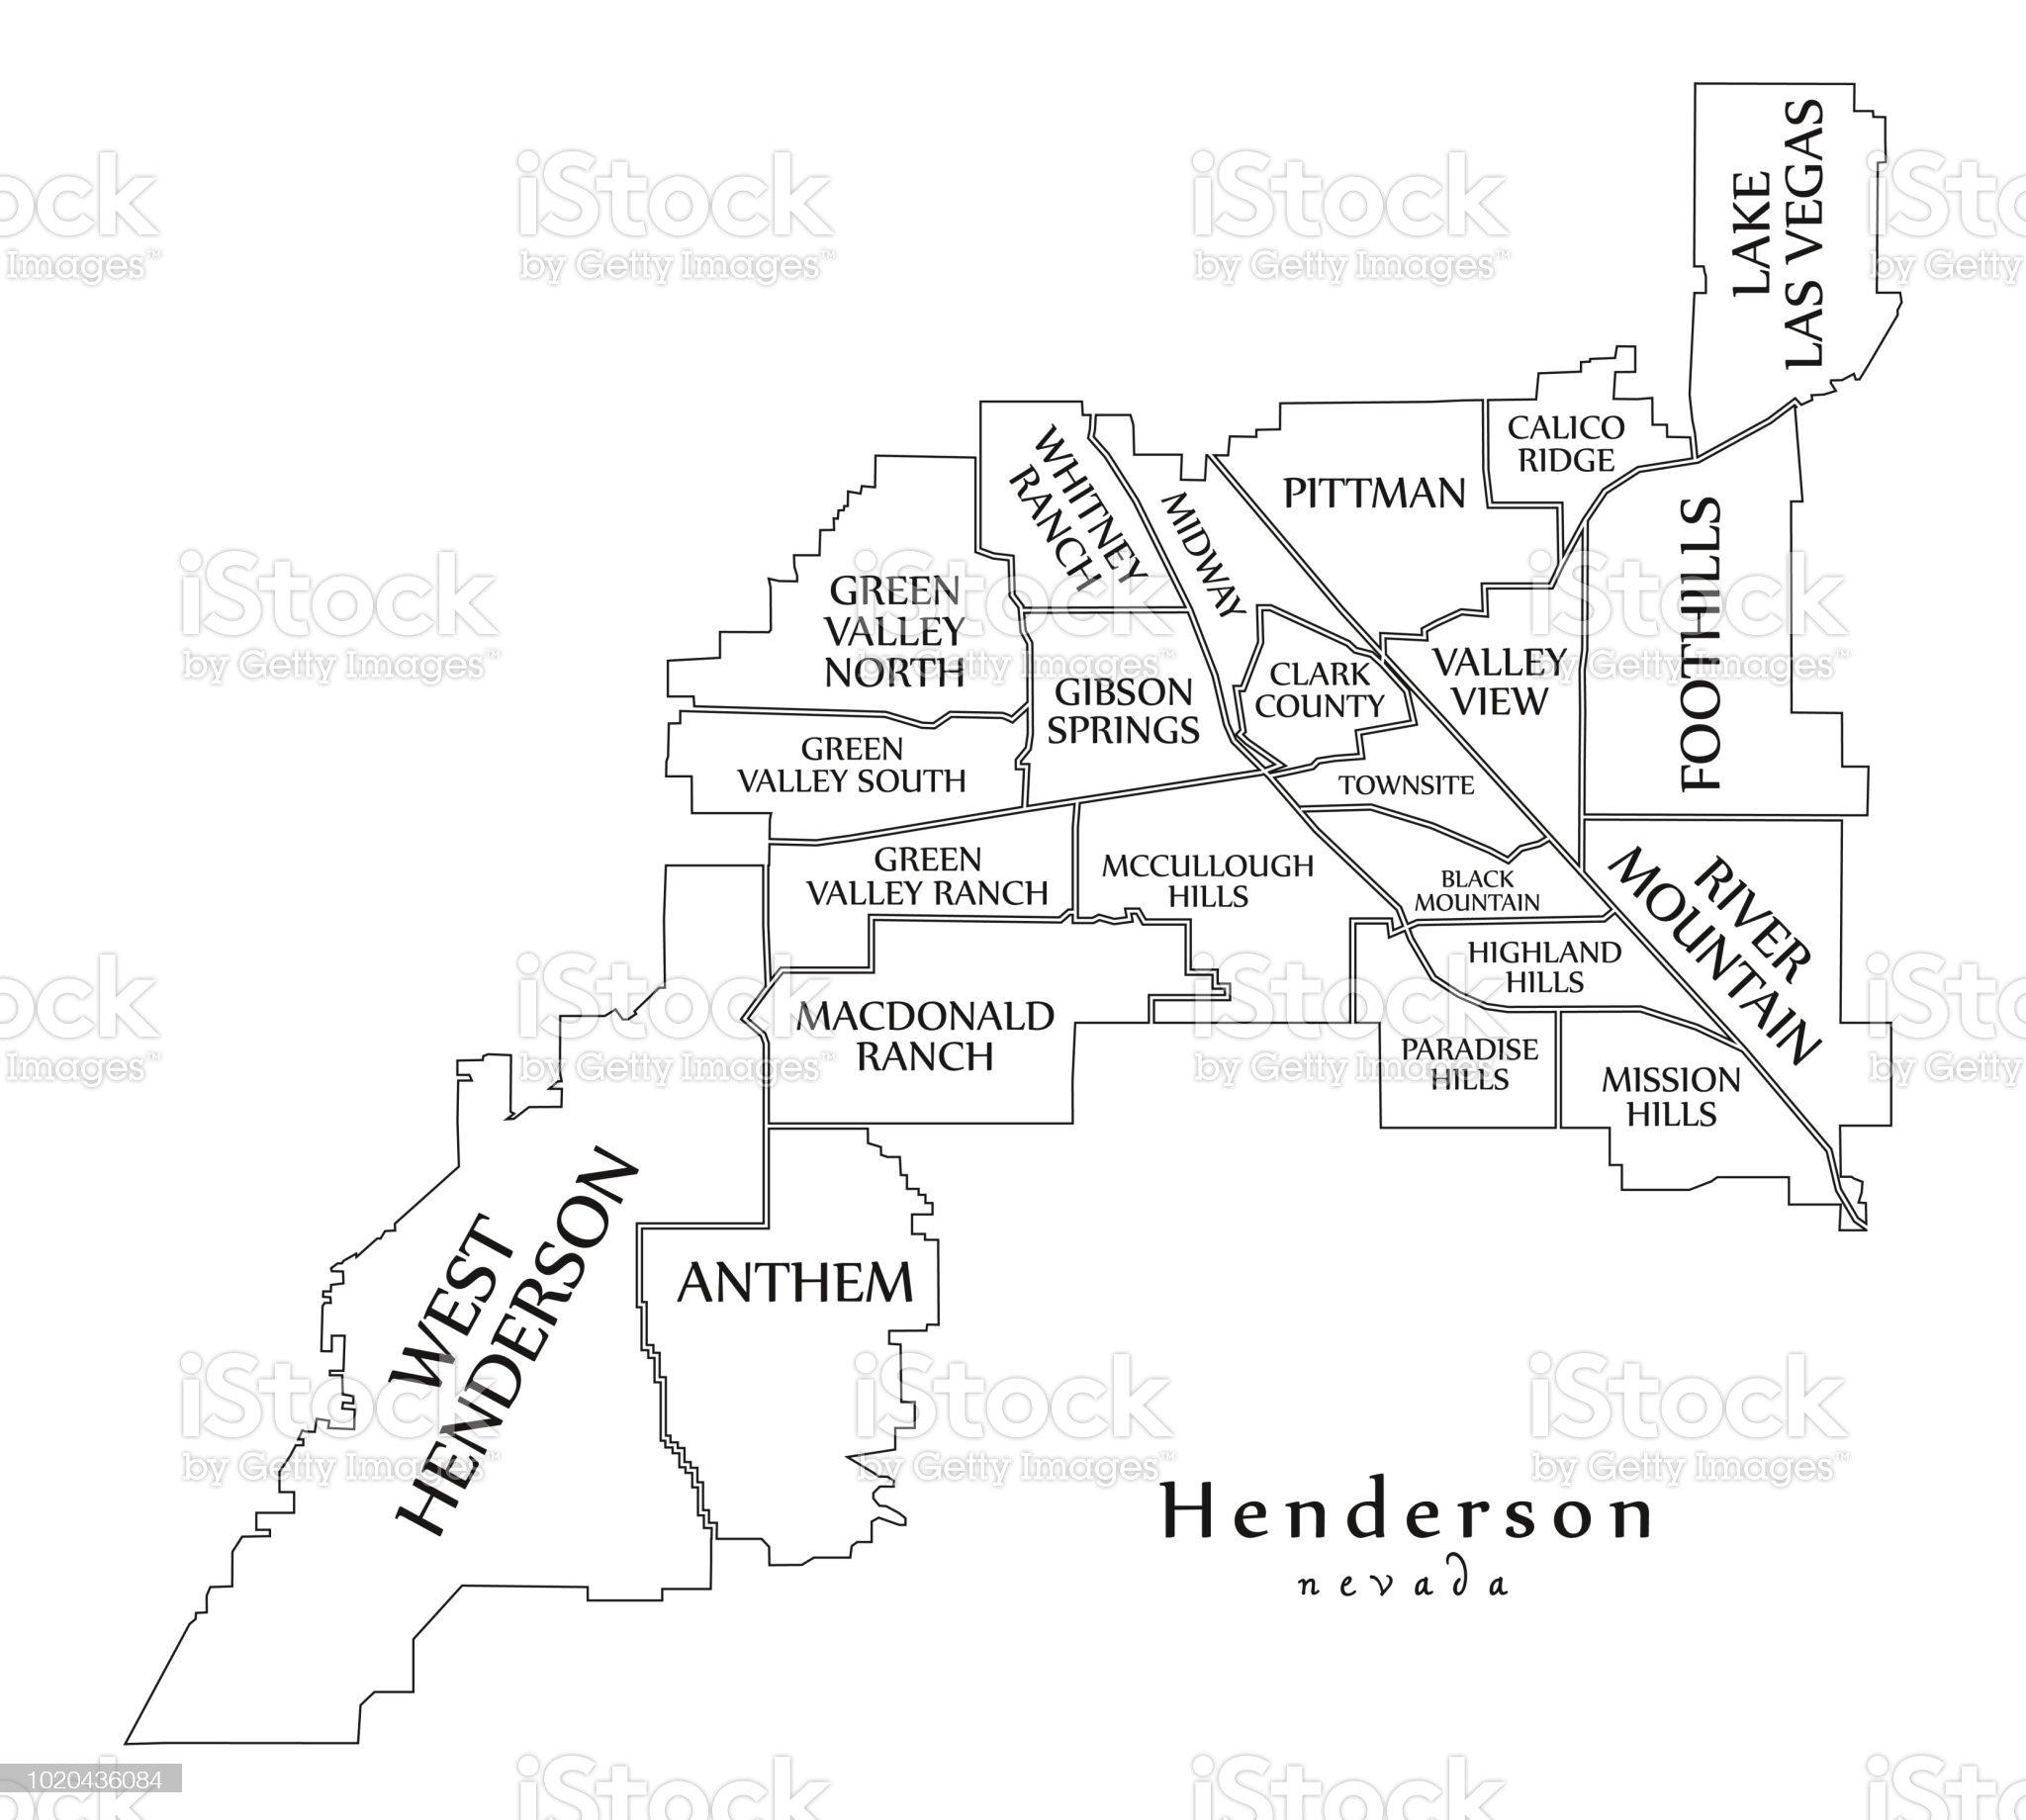 Imagen De Mapa De La Ciudad Moderna Ciudad De Henderson Nevada De La Usa Con Barrios Y Mapa De Contorno De Titulos Fotografia De Stock